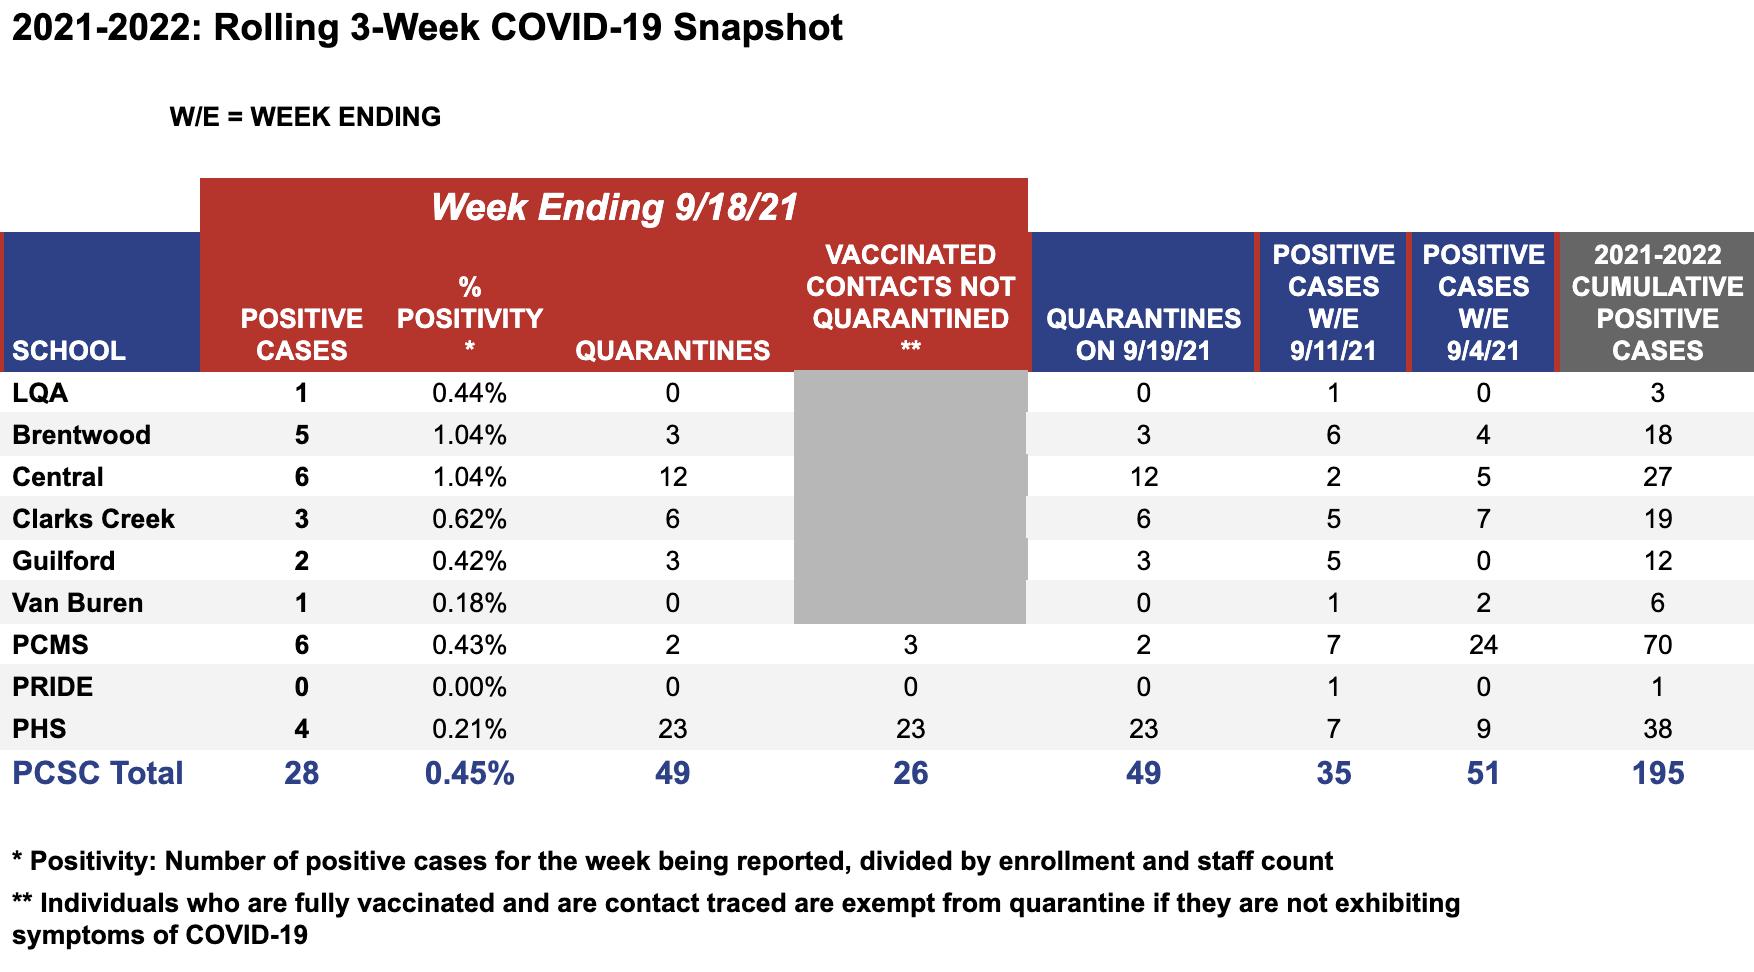 COVID-19 Weekly Snapshot for week ending 9-19-21